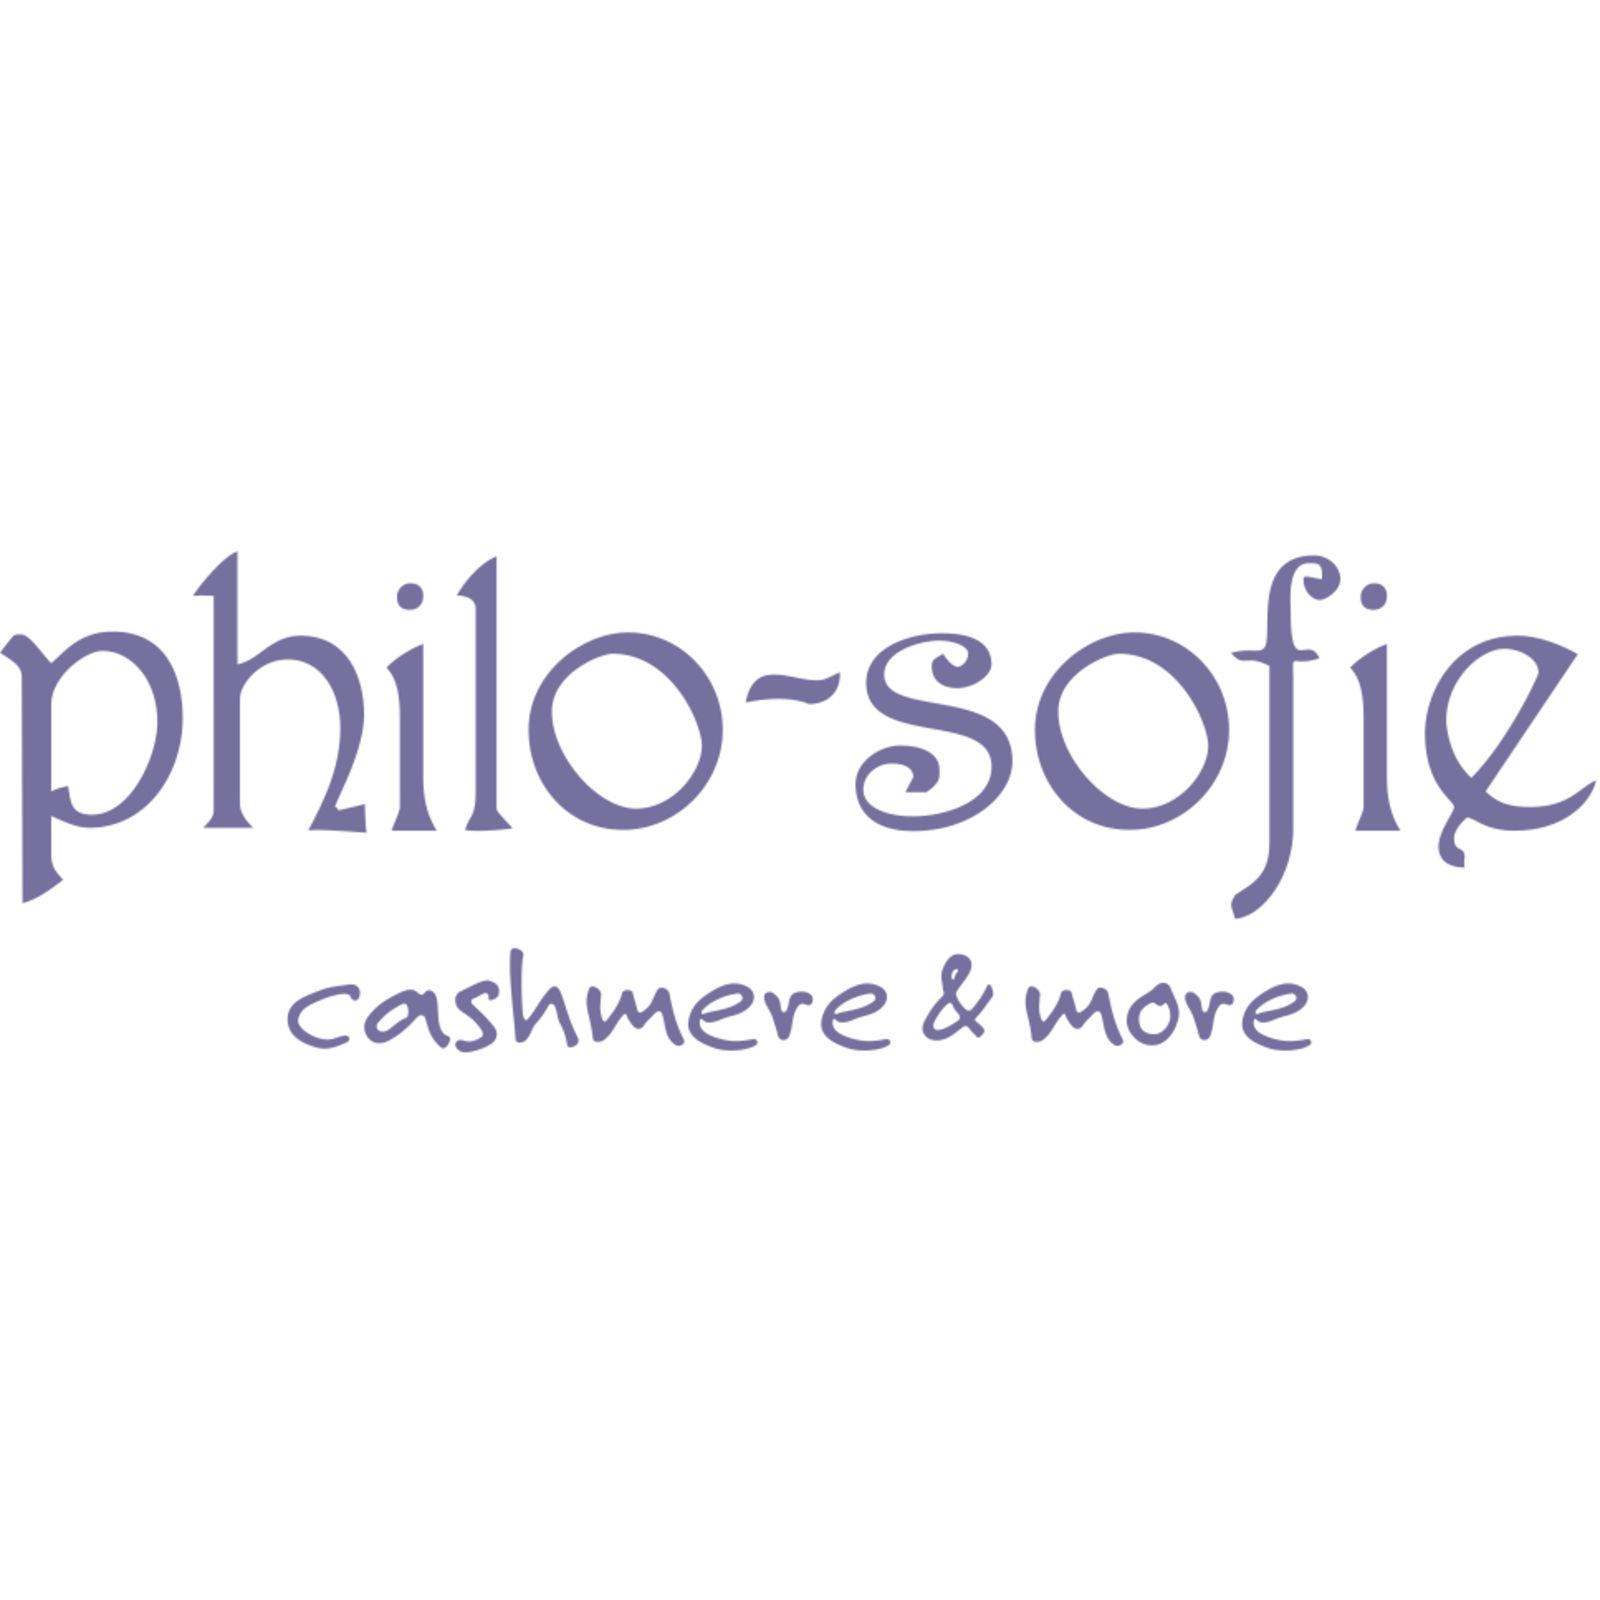 philo-sofie